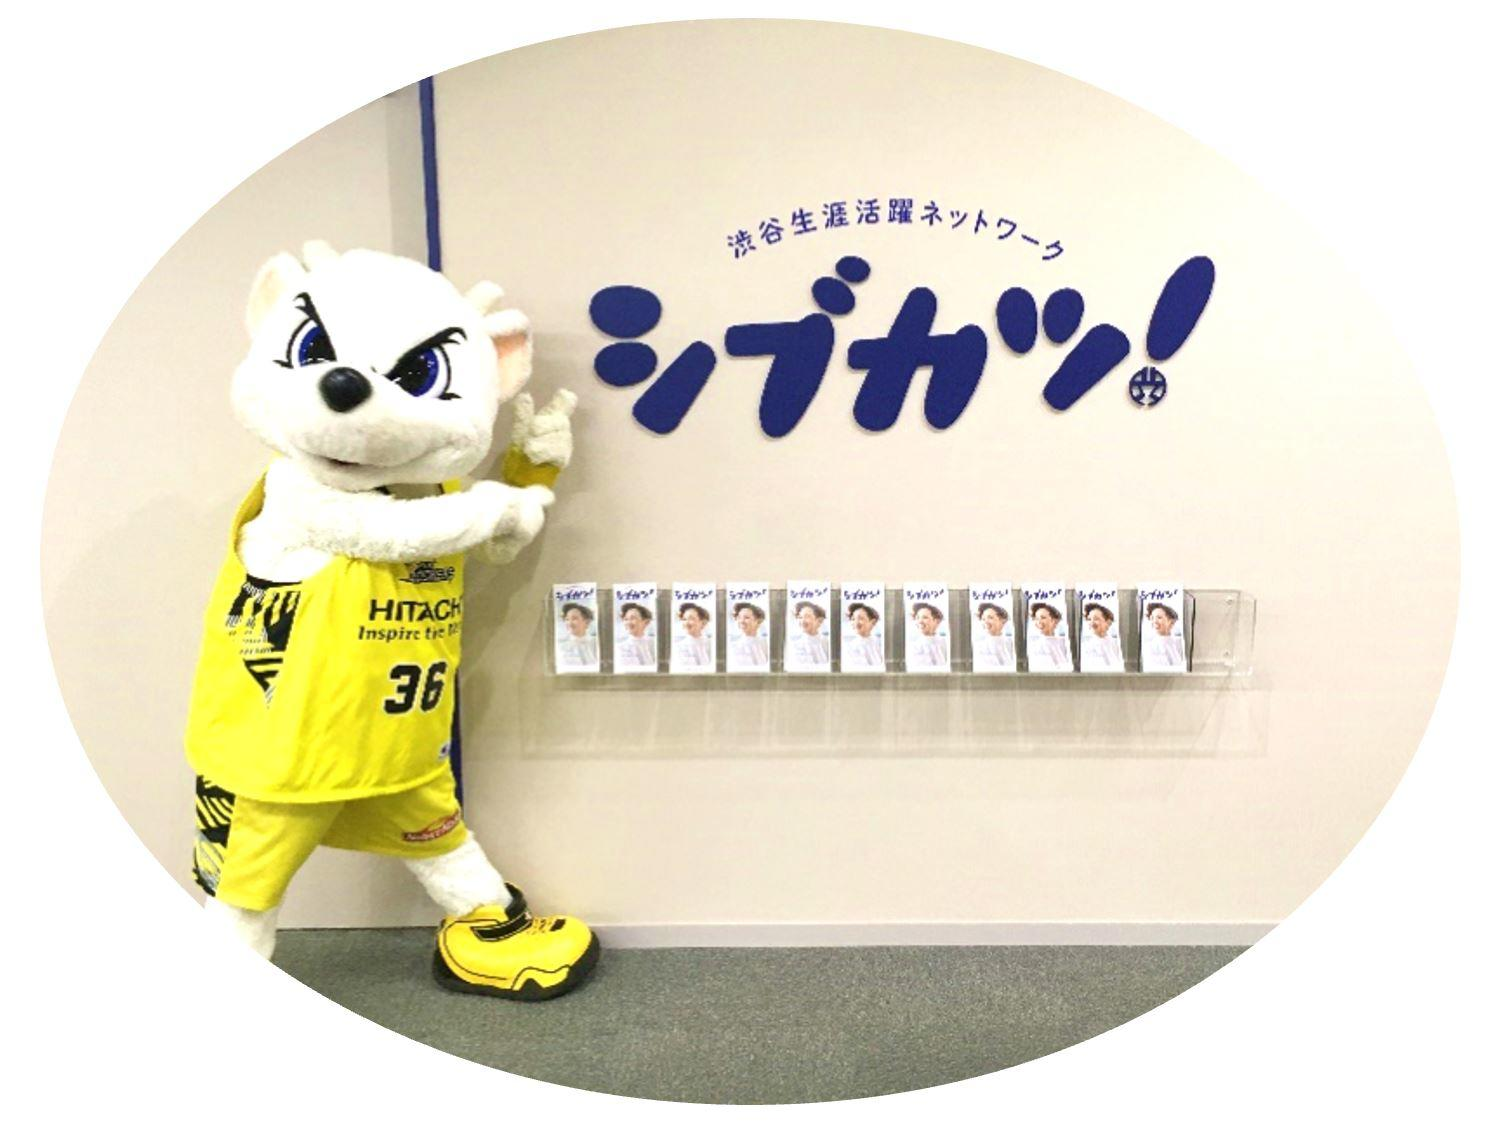 【サンロッカーズ渋谷】のマスコットキャラクター・サンディーがシブカツに遊びに来てくれました!